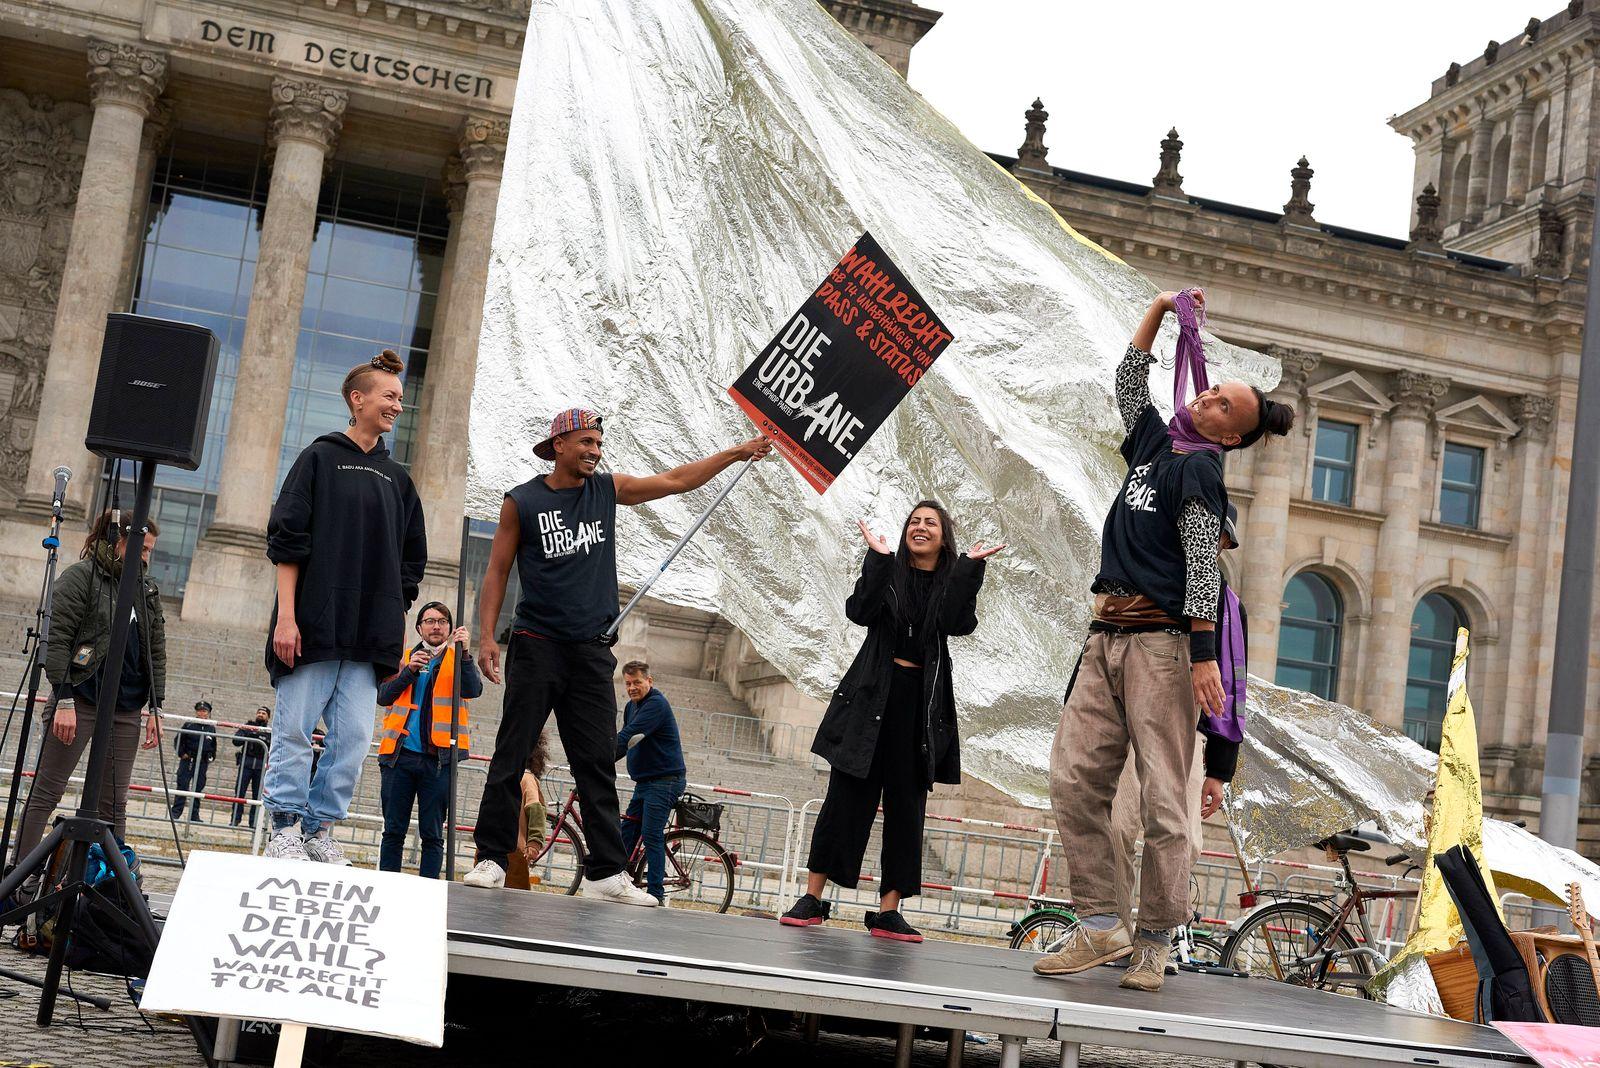 Die Urbane - HipHop Partei Deutschland, Berlin: Raphael Moussa Hillebrand, Bundesvorsitzender der Partei Die Urbane - e